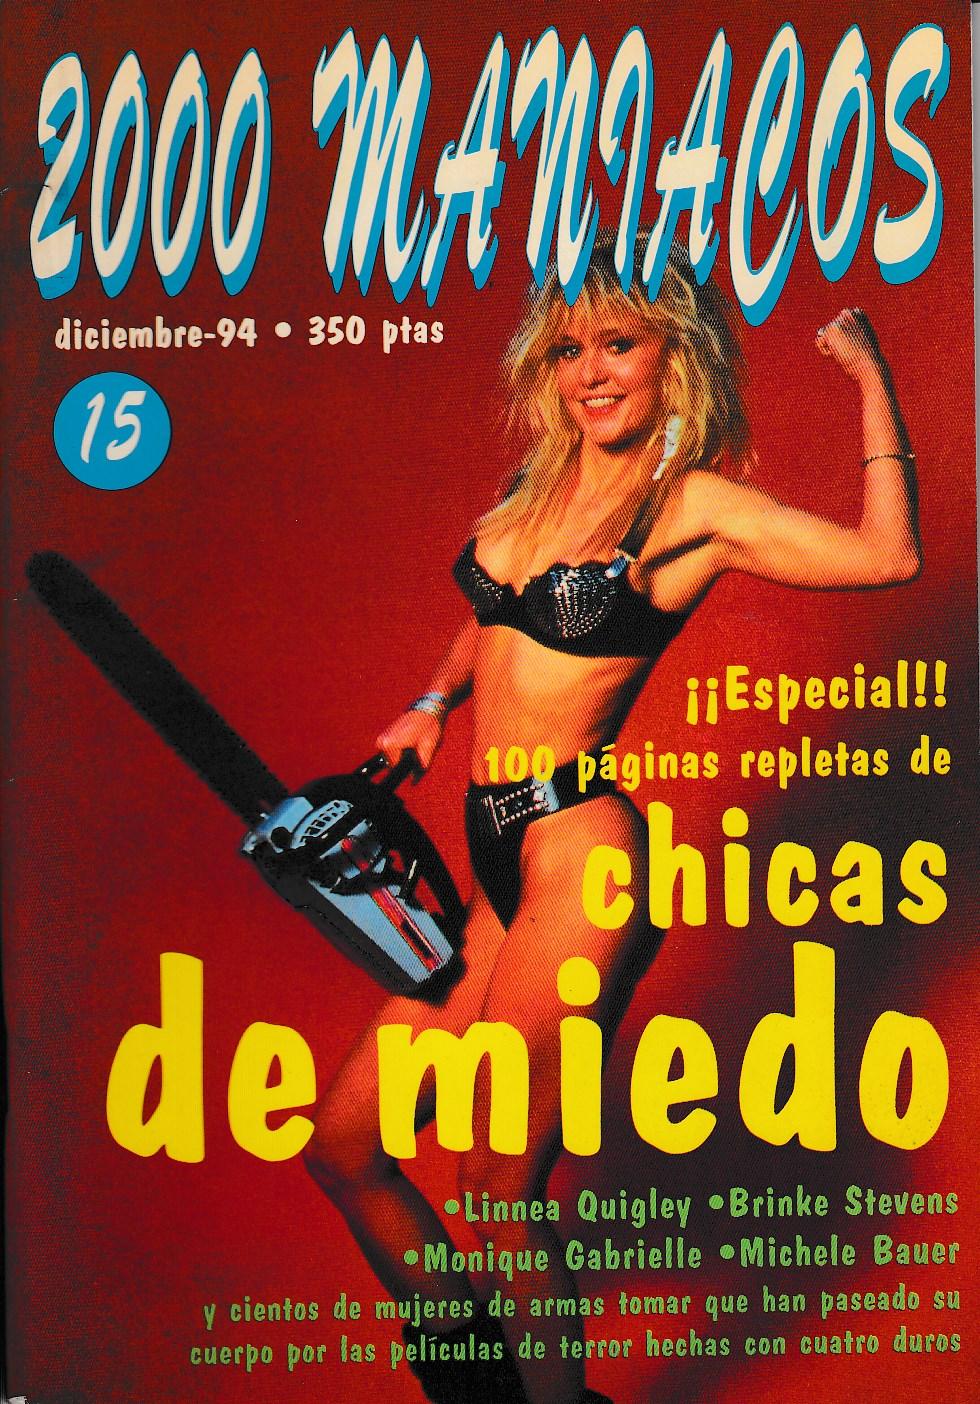 A 2000 Maniacos.jpg